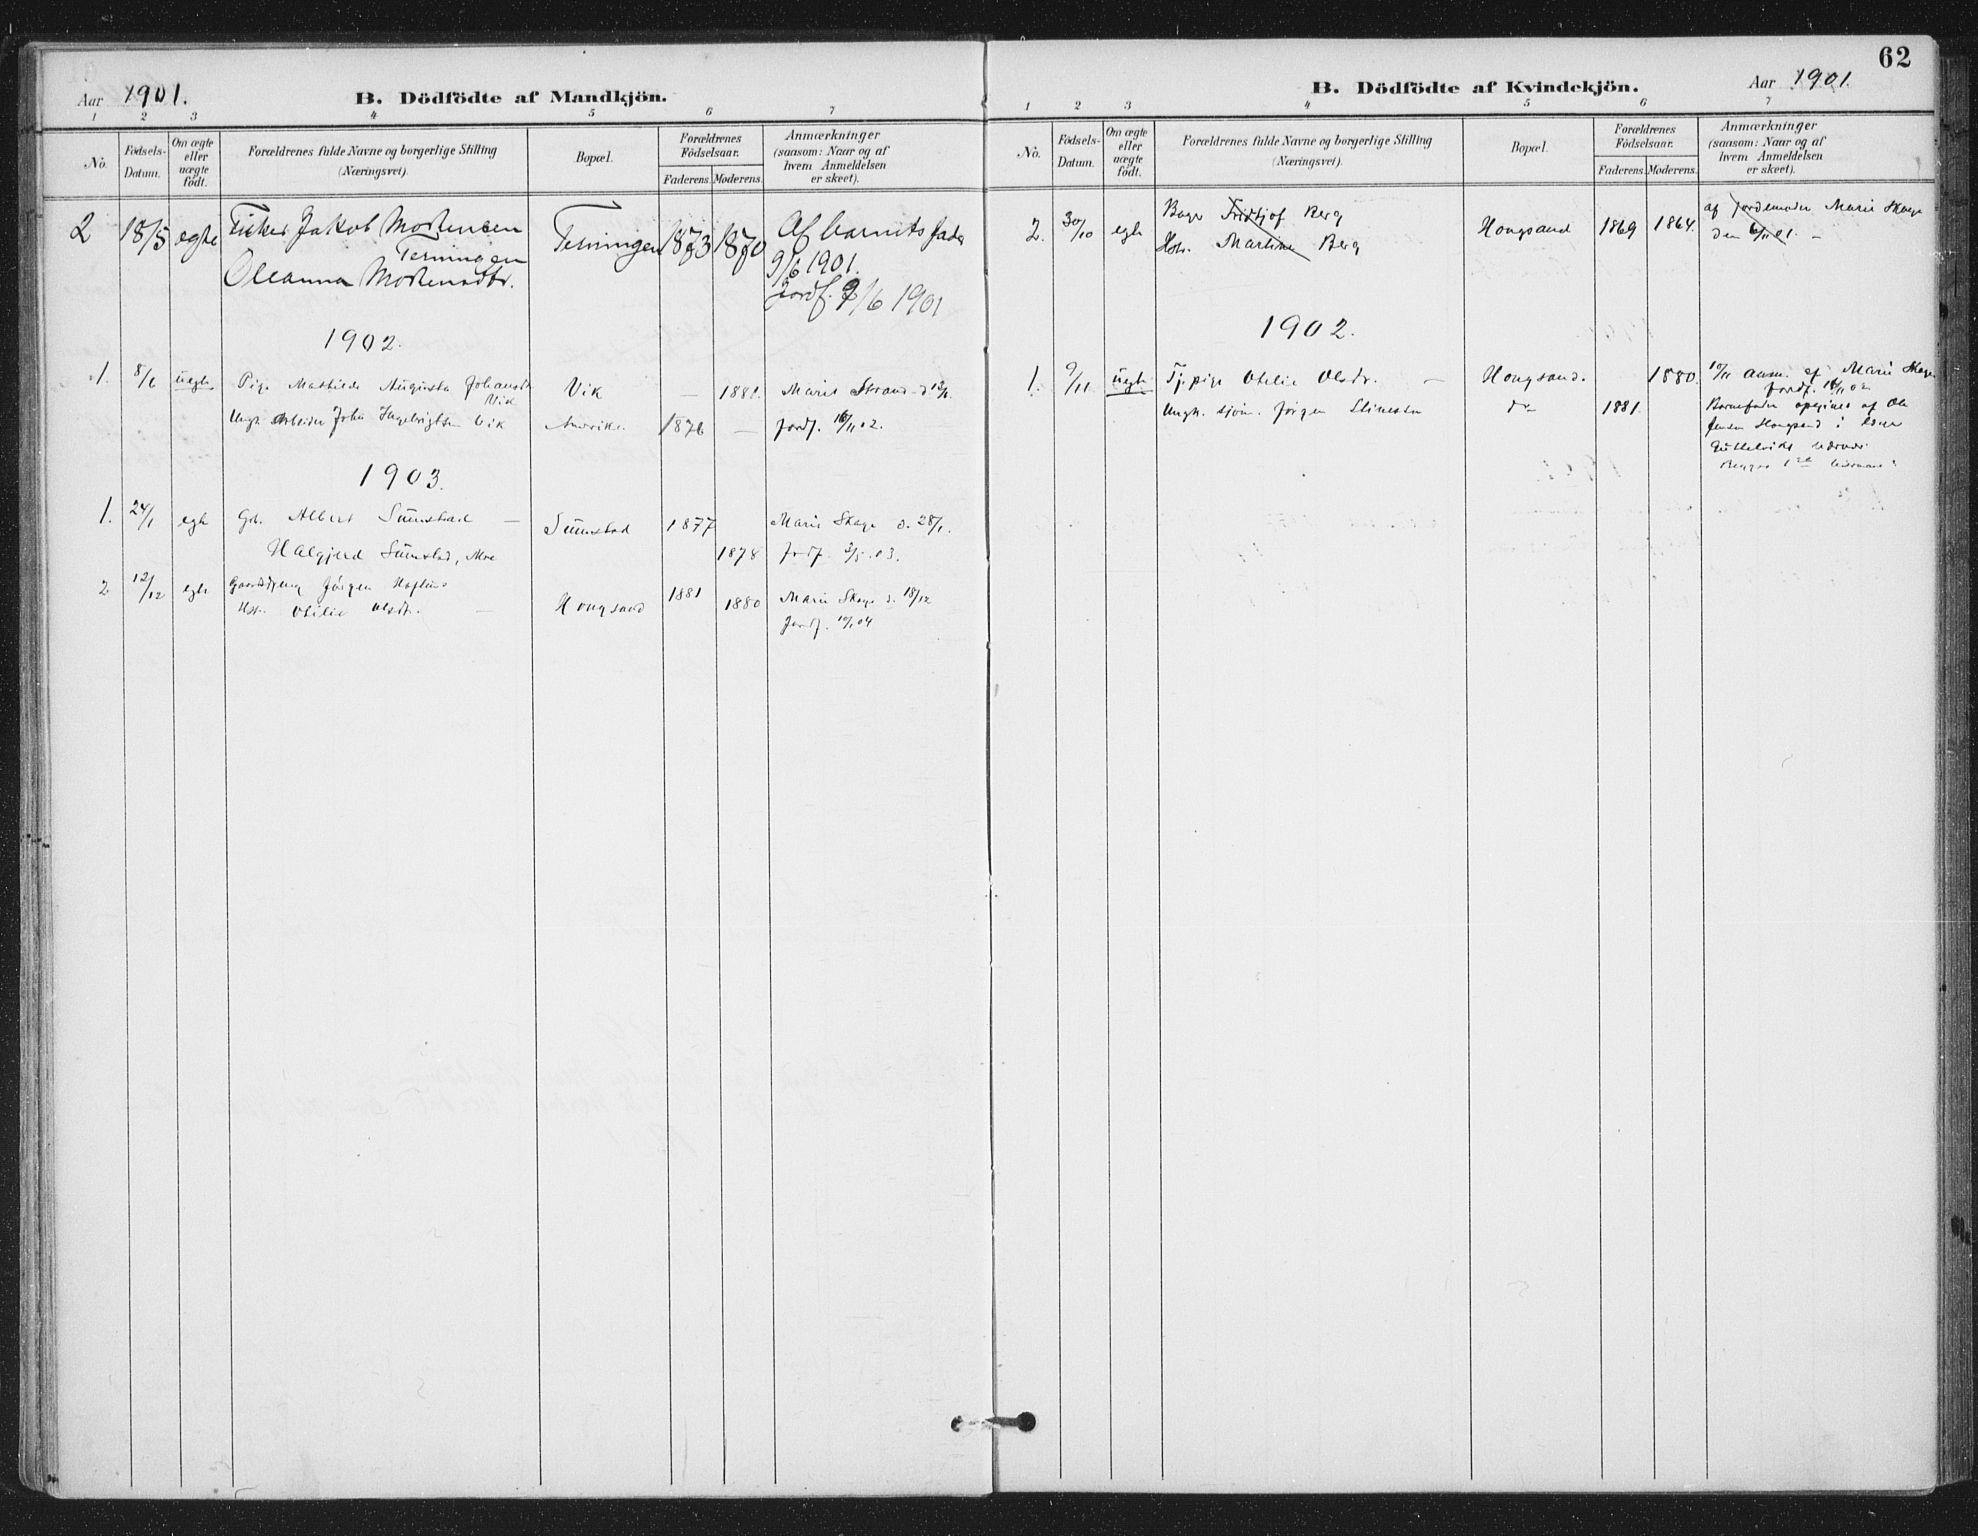 SAT, Ministerialprotokoller, klokkerbøker og fødselsregistre - Sør-Trøndelag, 657/L0708: Ministerialbok nr. 657A09, 1894-1904, s. 62